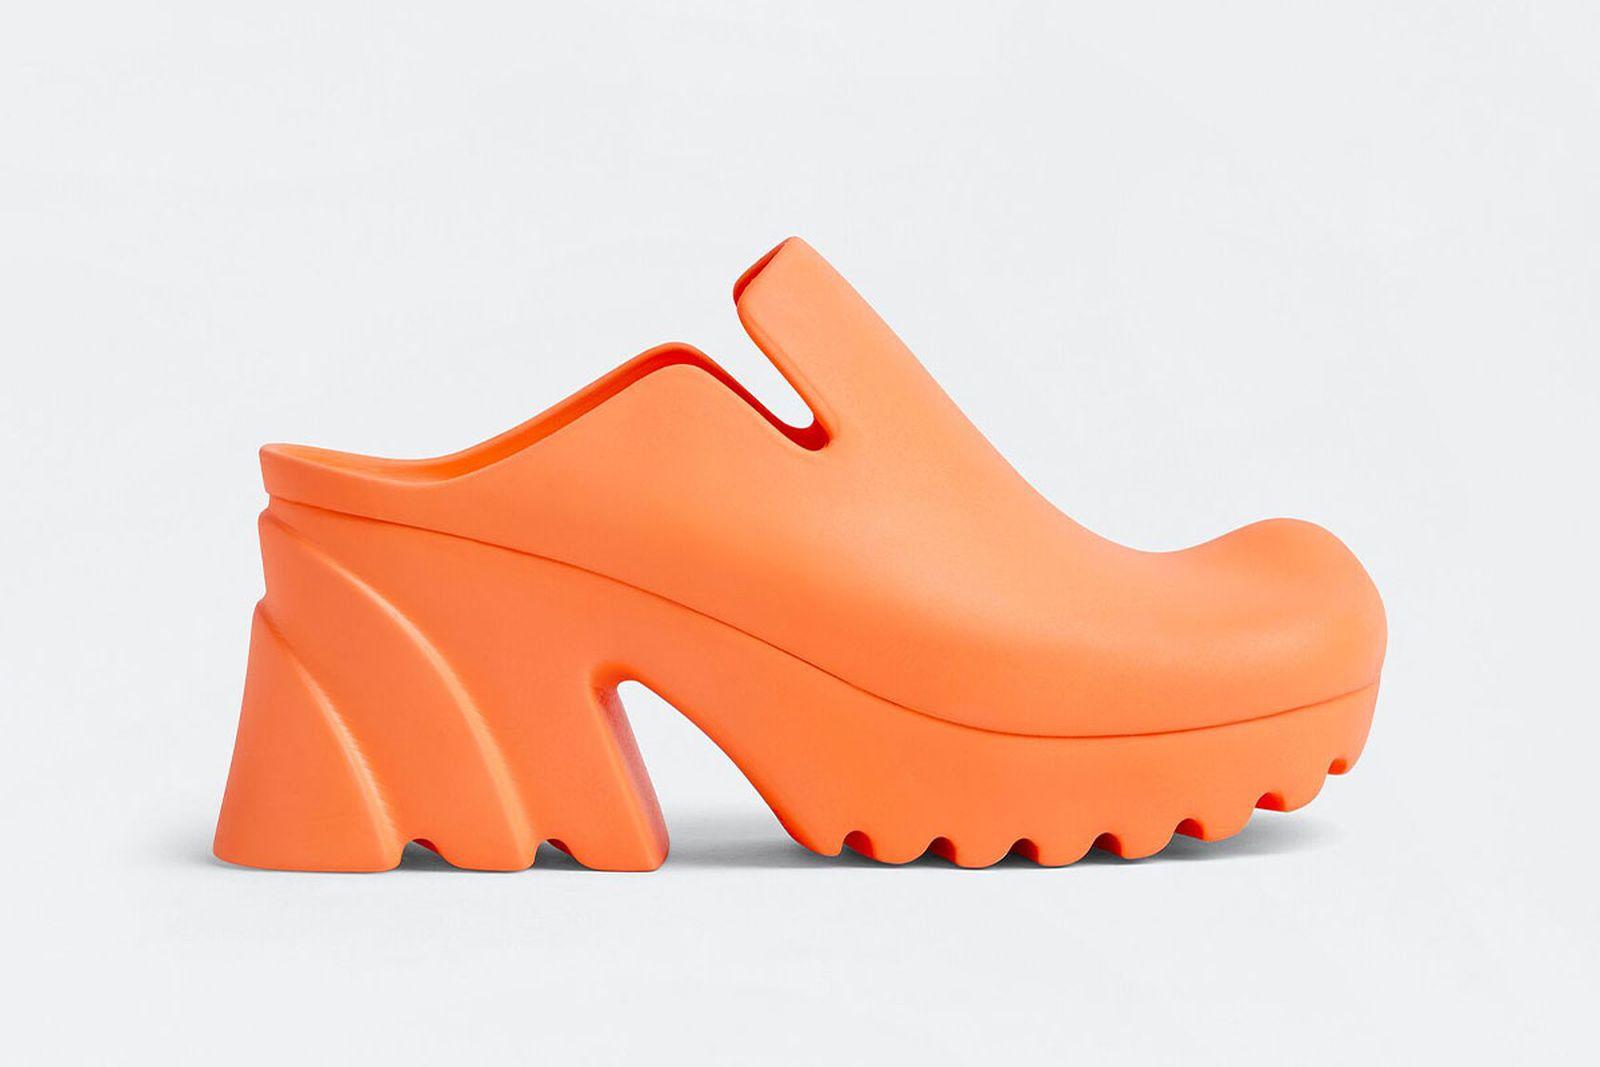 bottega-veneta-resort-2021-footwear-06